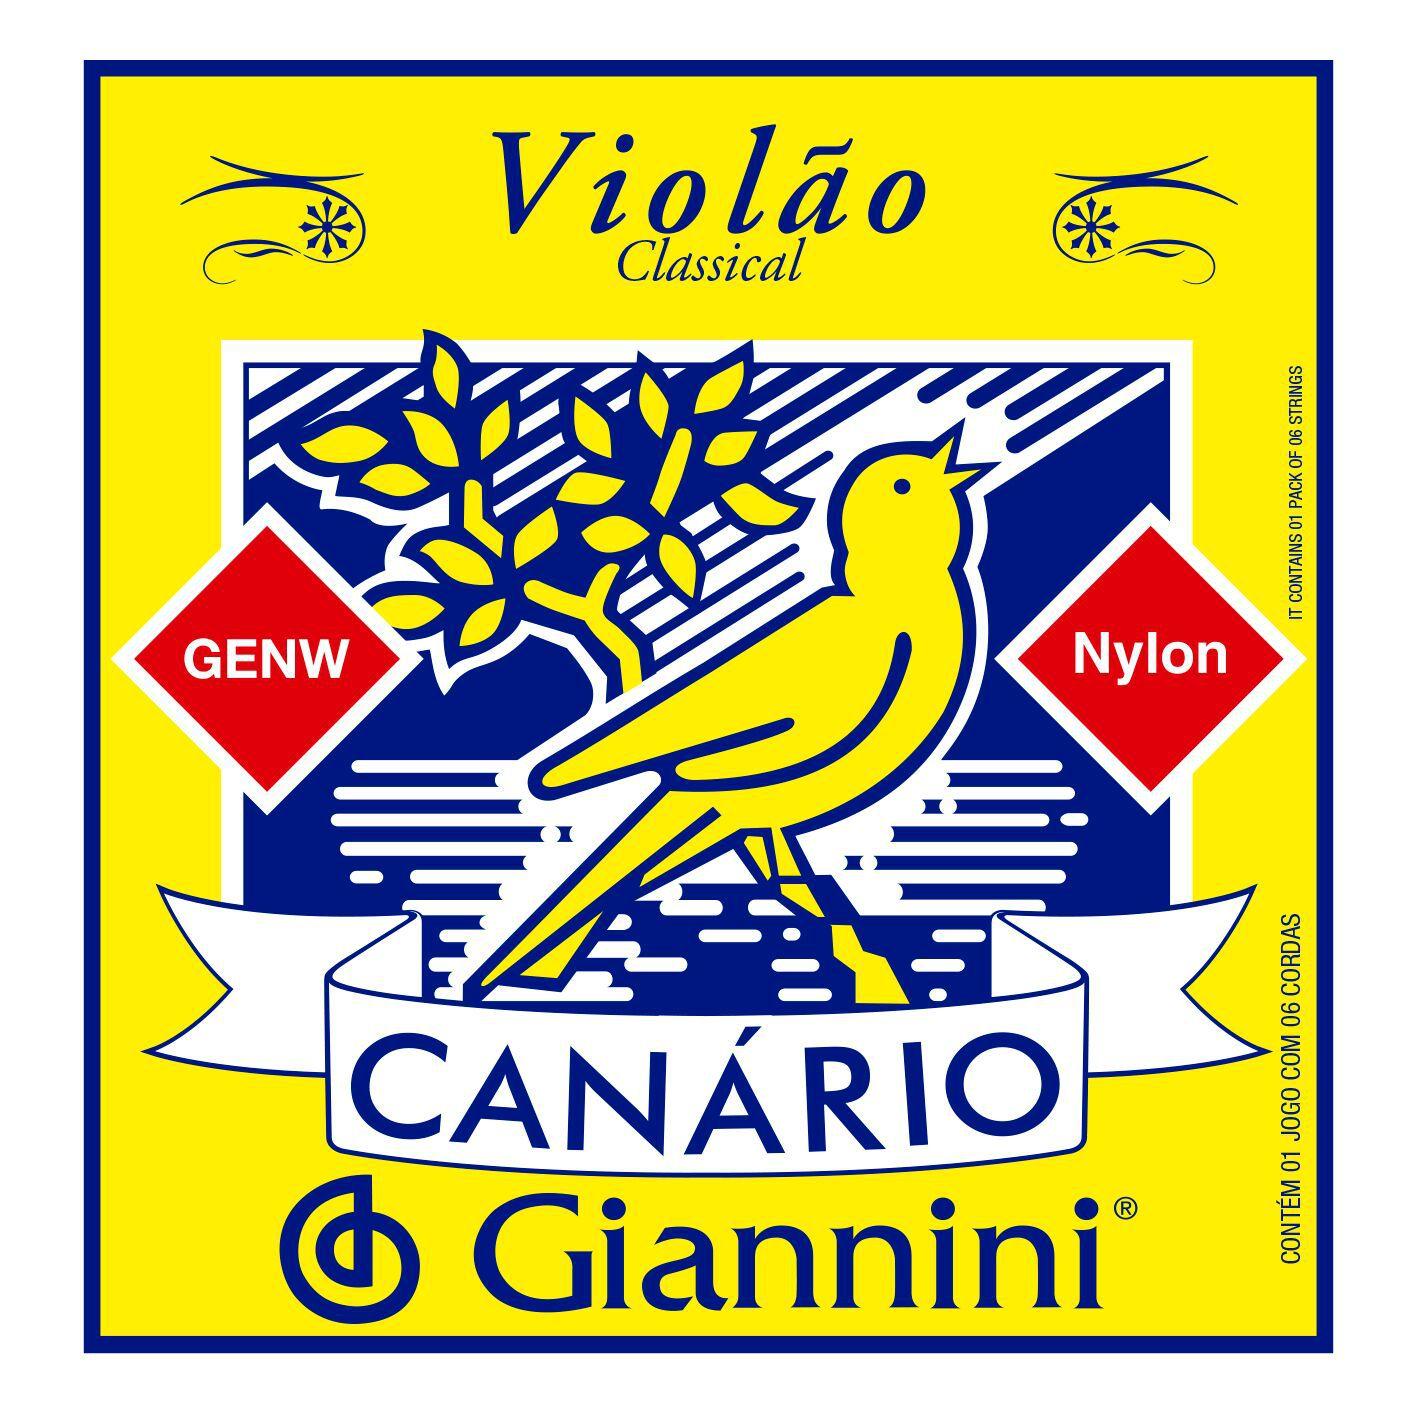 Encordoamento p/Violão Nylon Giannini Canário - GENW